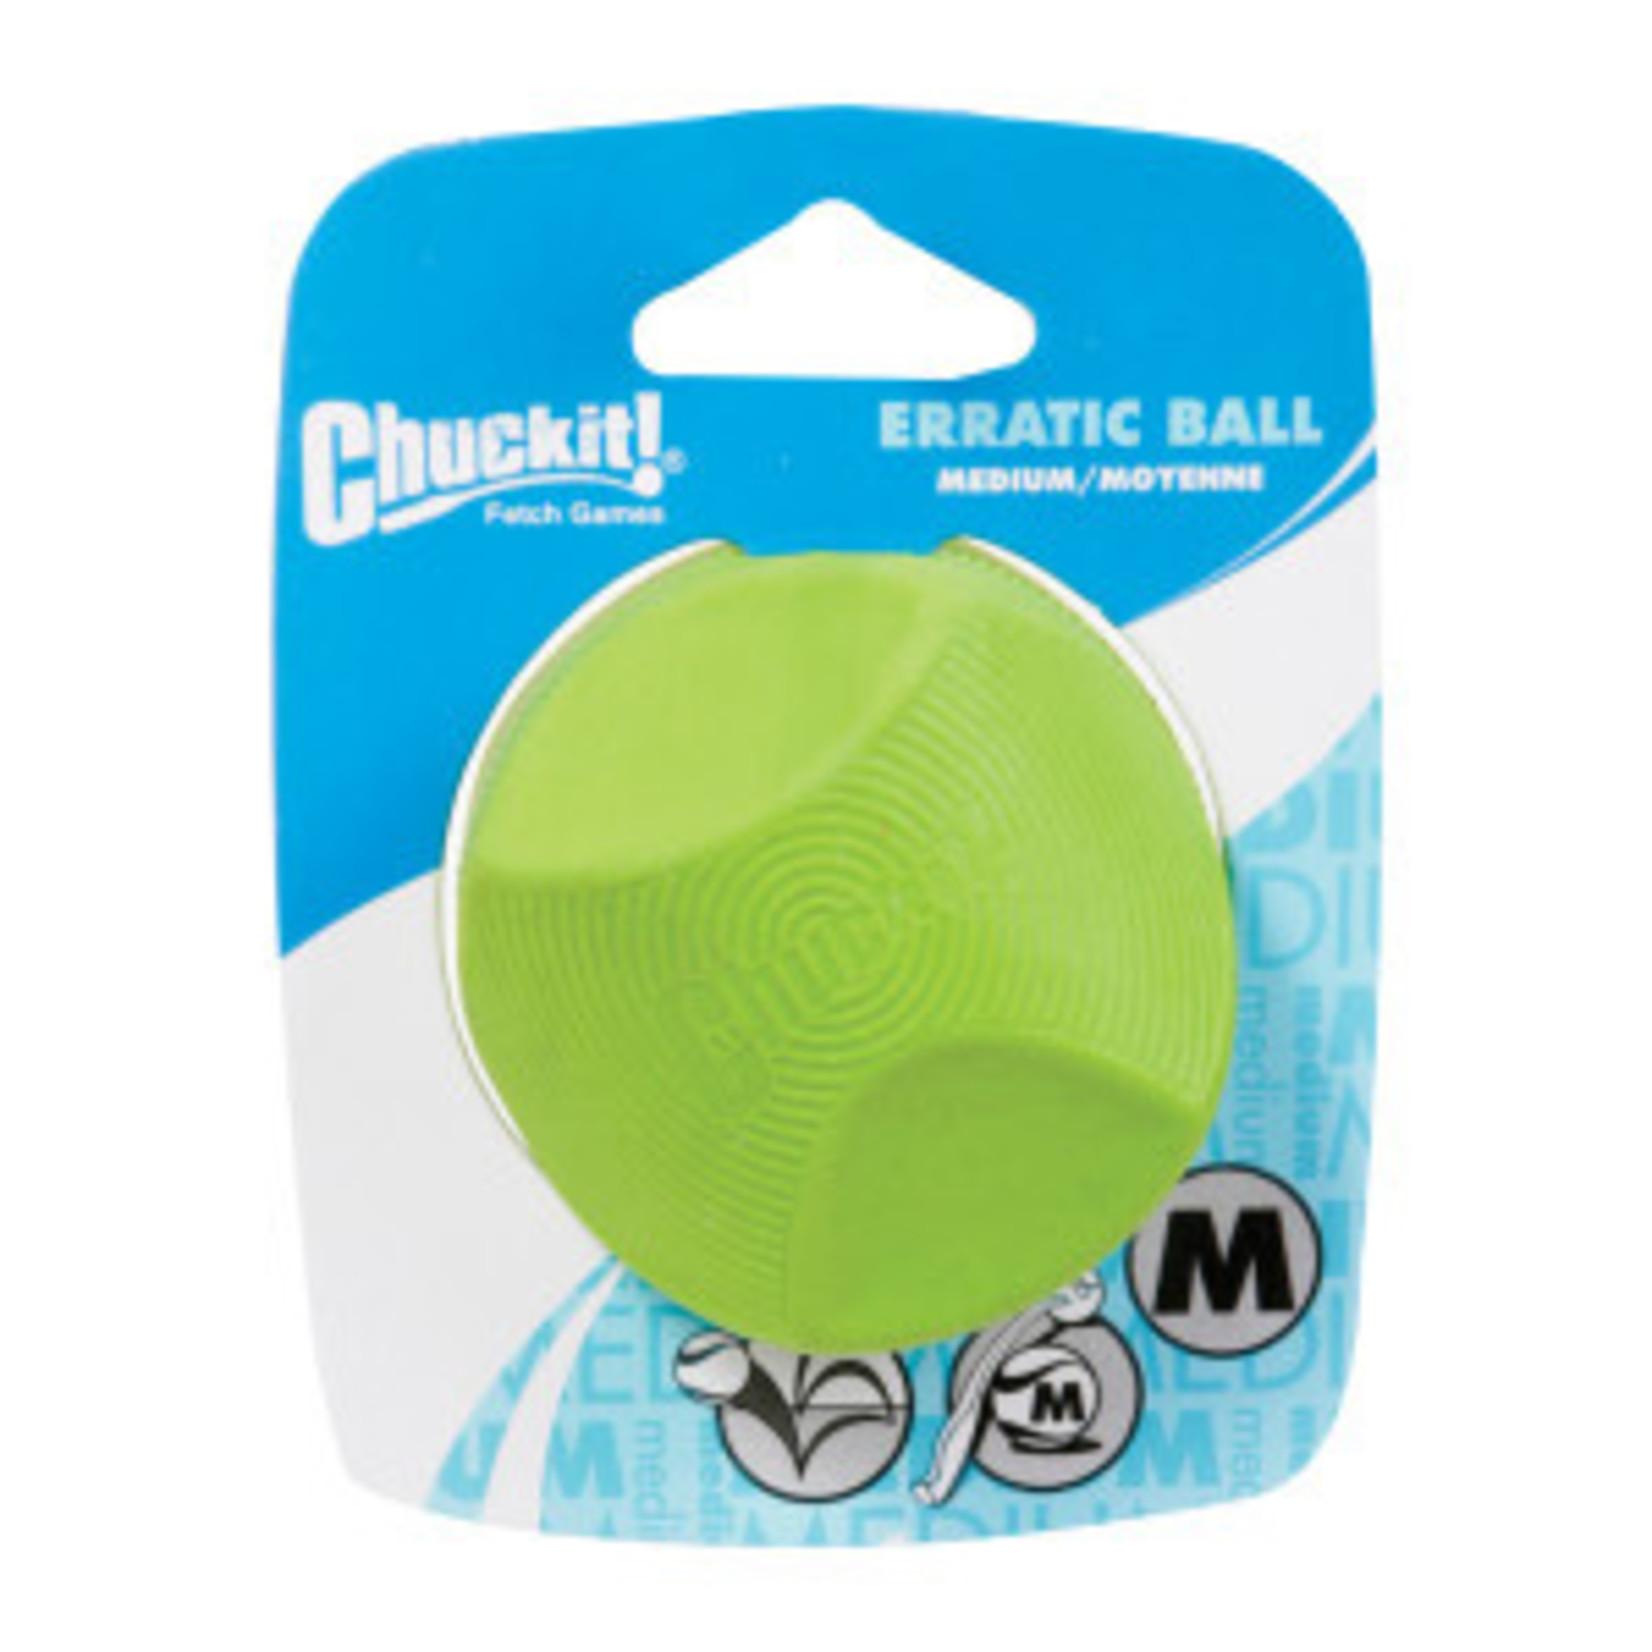 Chuckit Chuckit! Erratic Ball Large Dog Toy